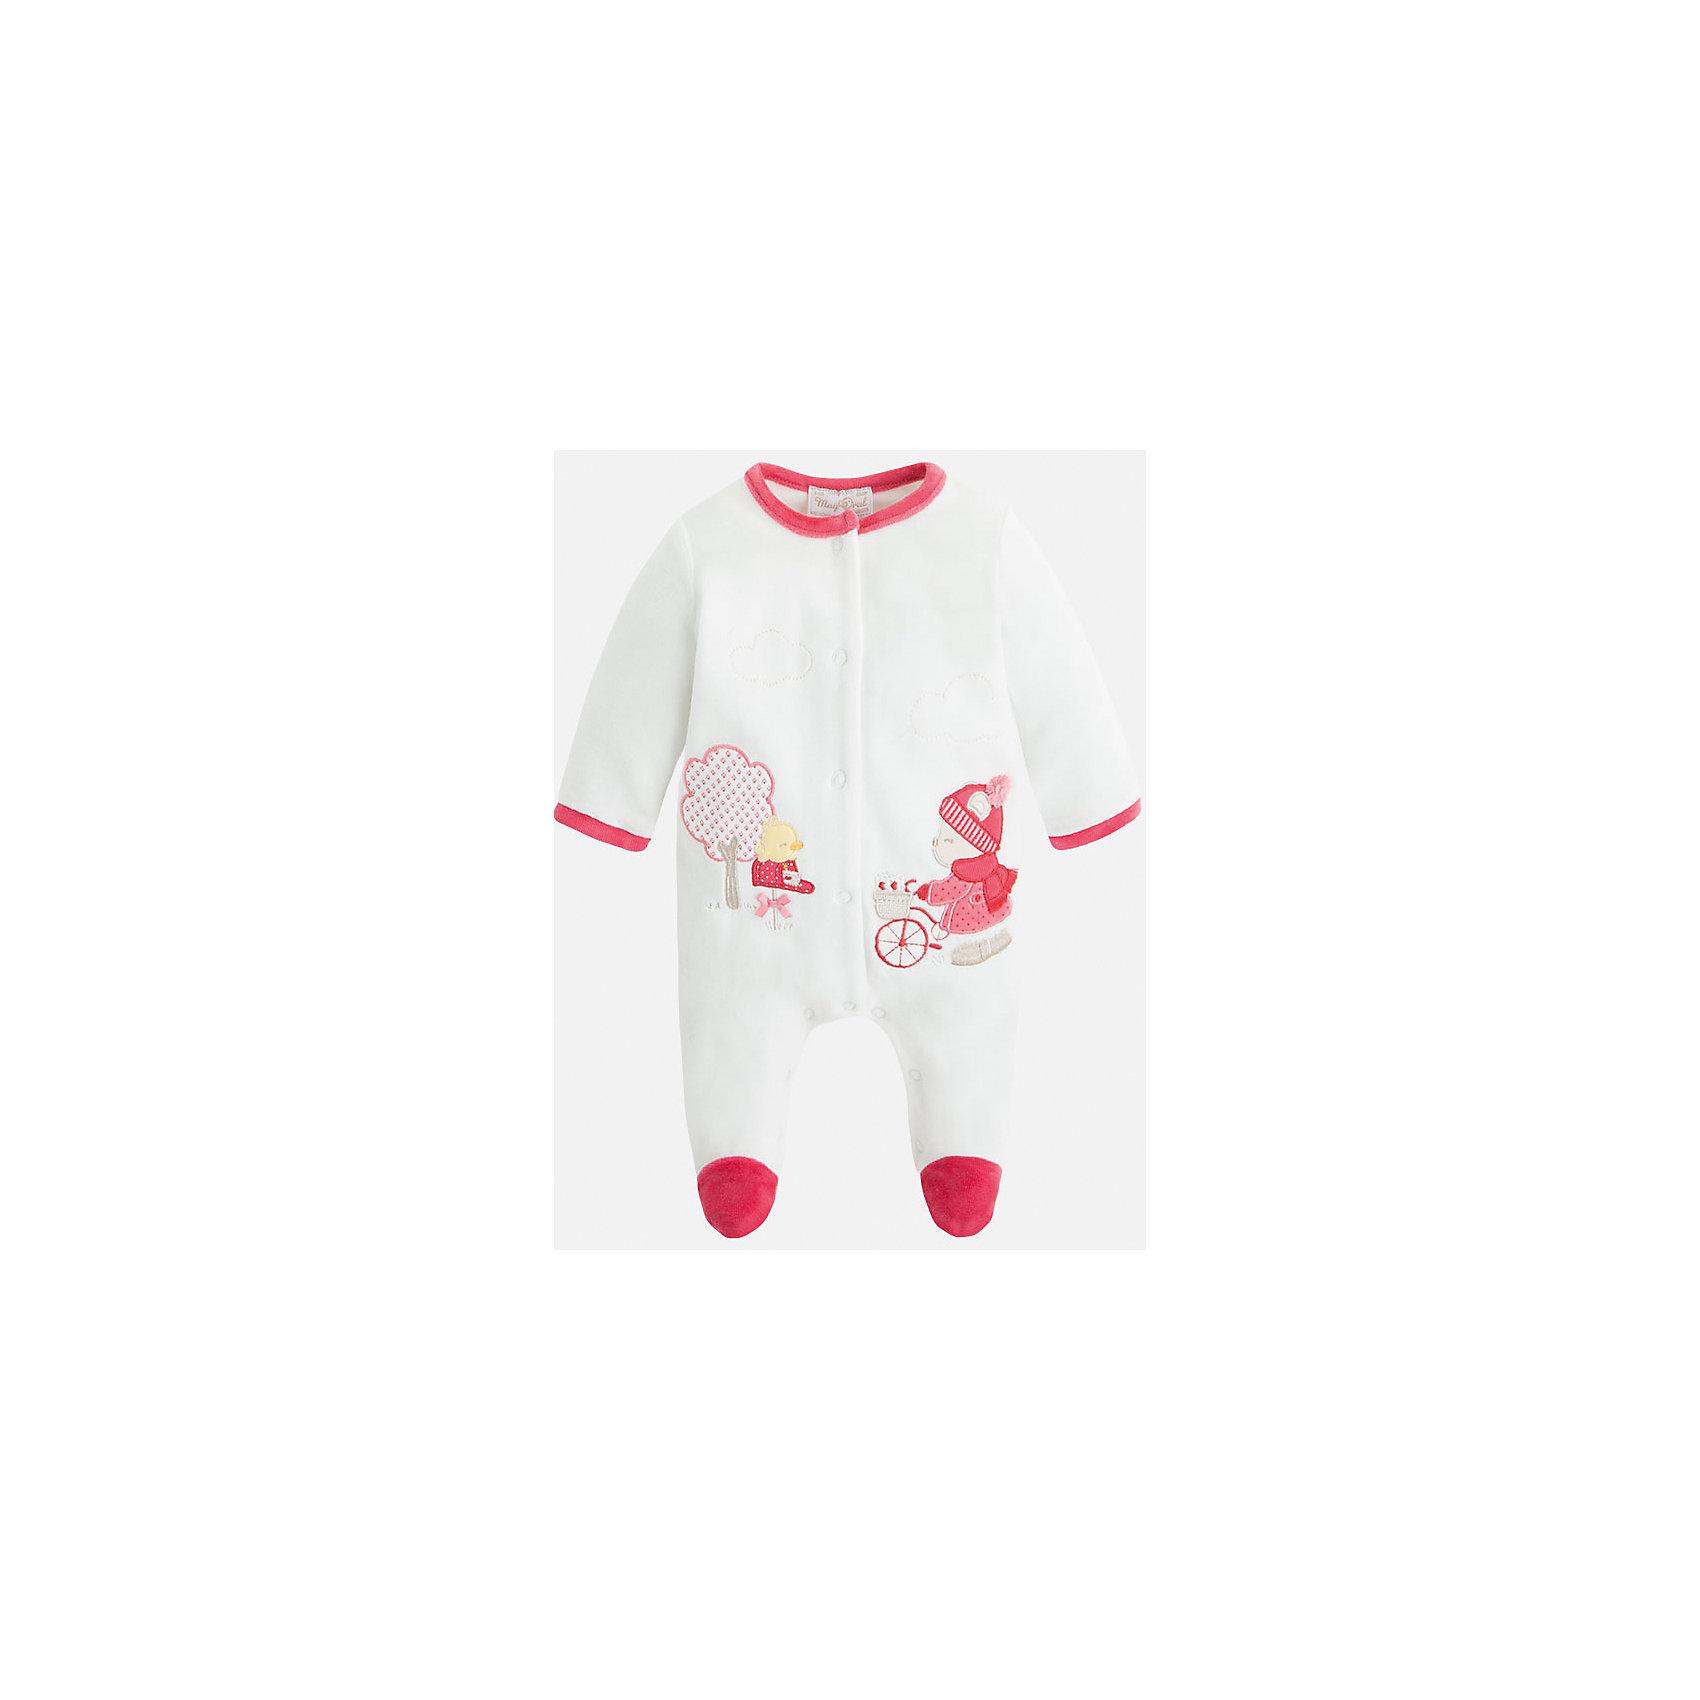 Пижама для девочки MayoralКомбинезоны<br>Комбинезон-пижама торговой марки    Майорал -Mayoral  для малышки до года. Закрытые ножки, открытые  рукава, симпатичный принт Мишки спереди. Застежка на кнопки.<br><br>Дополнительная информация: <br><br>- цвет:  розовый<br>- состав: хлопок 80%, полиэстер 20%<br>- длина рукава: длинные<br>- фактура материала: текстильный<br>- вид застежки: кнопки<br>- уход за вещами: бережная стирка при 30 градусах<br>- рисунок: без  рисунка<br>- назначение: повседневная<br>- сезон: круглогодичный<br>- пол: девочки<br>- страна бренда: Испания<br>- комплектация: пижама<br><br>Пижаму для девочки торговой марки    Майорал  можно купить в нашем интернет-магазине.<br><br>Ширина мм: 281<br>Глубина мм: 70<br>Высота мм: 188<br>Вес г: 295<br>Цвет: красный<br>Возраст от месяцев: 24<br>Возраст до месяцев: 36<br>Пол: Женский<br>Возраст: Детский<br>Размер: 50,68,56,62<br>SKU: 4846134